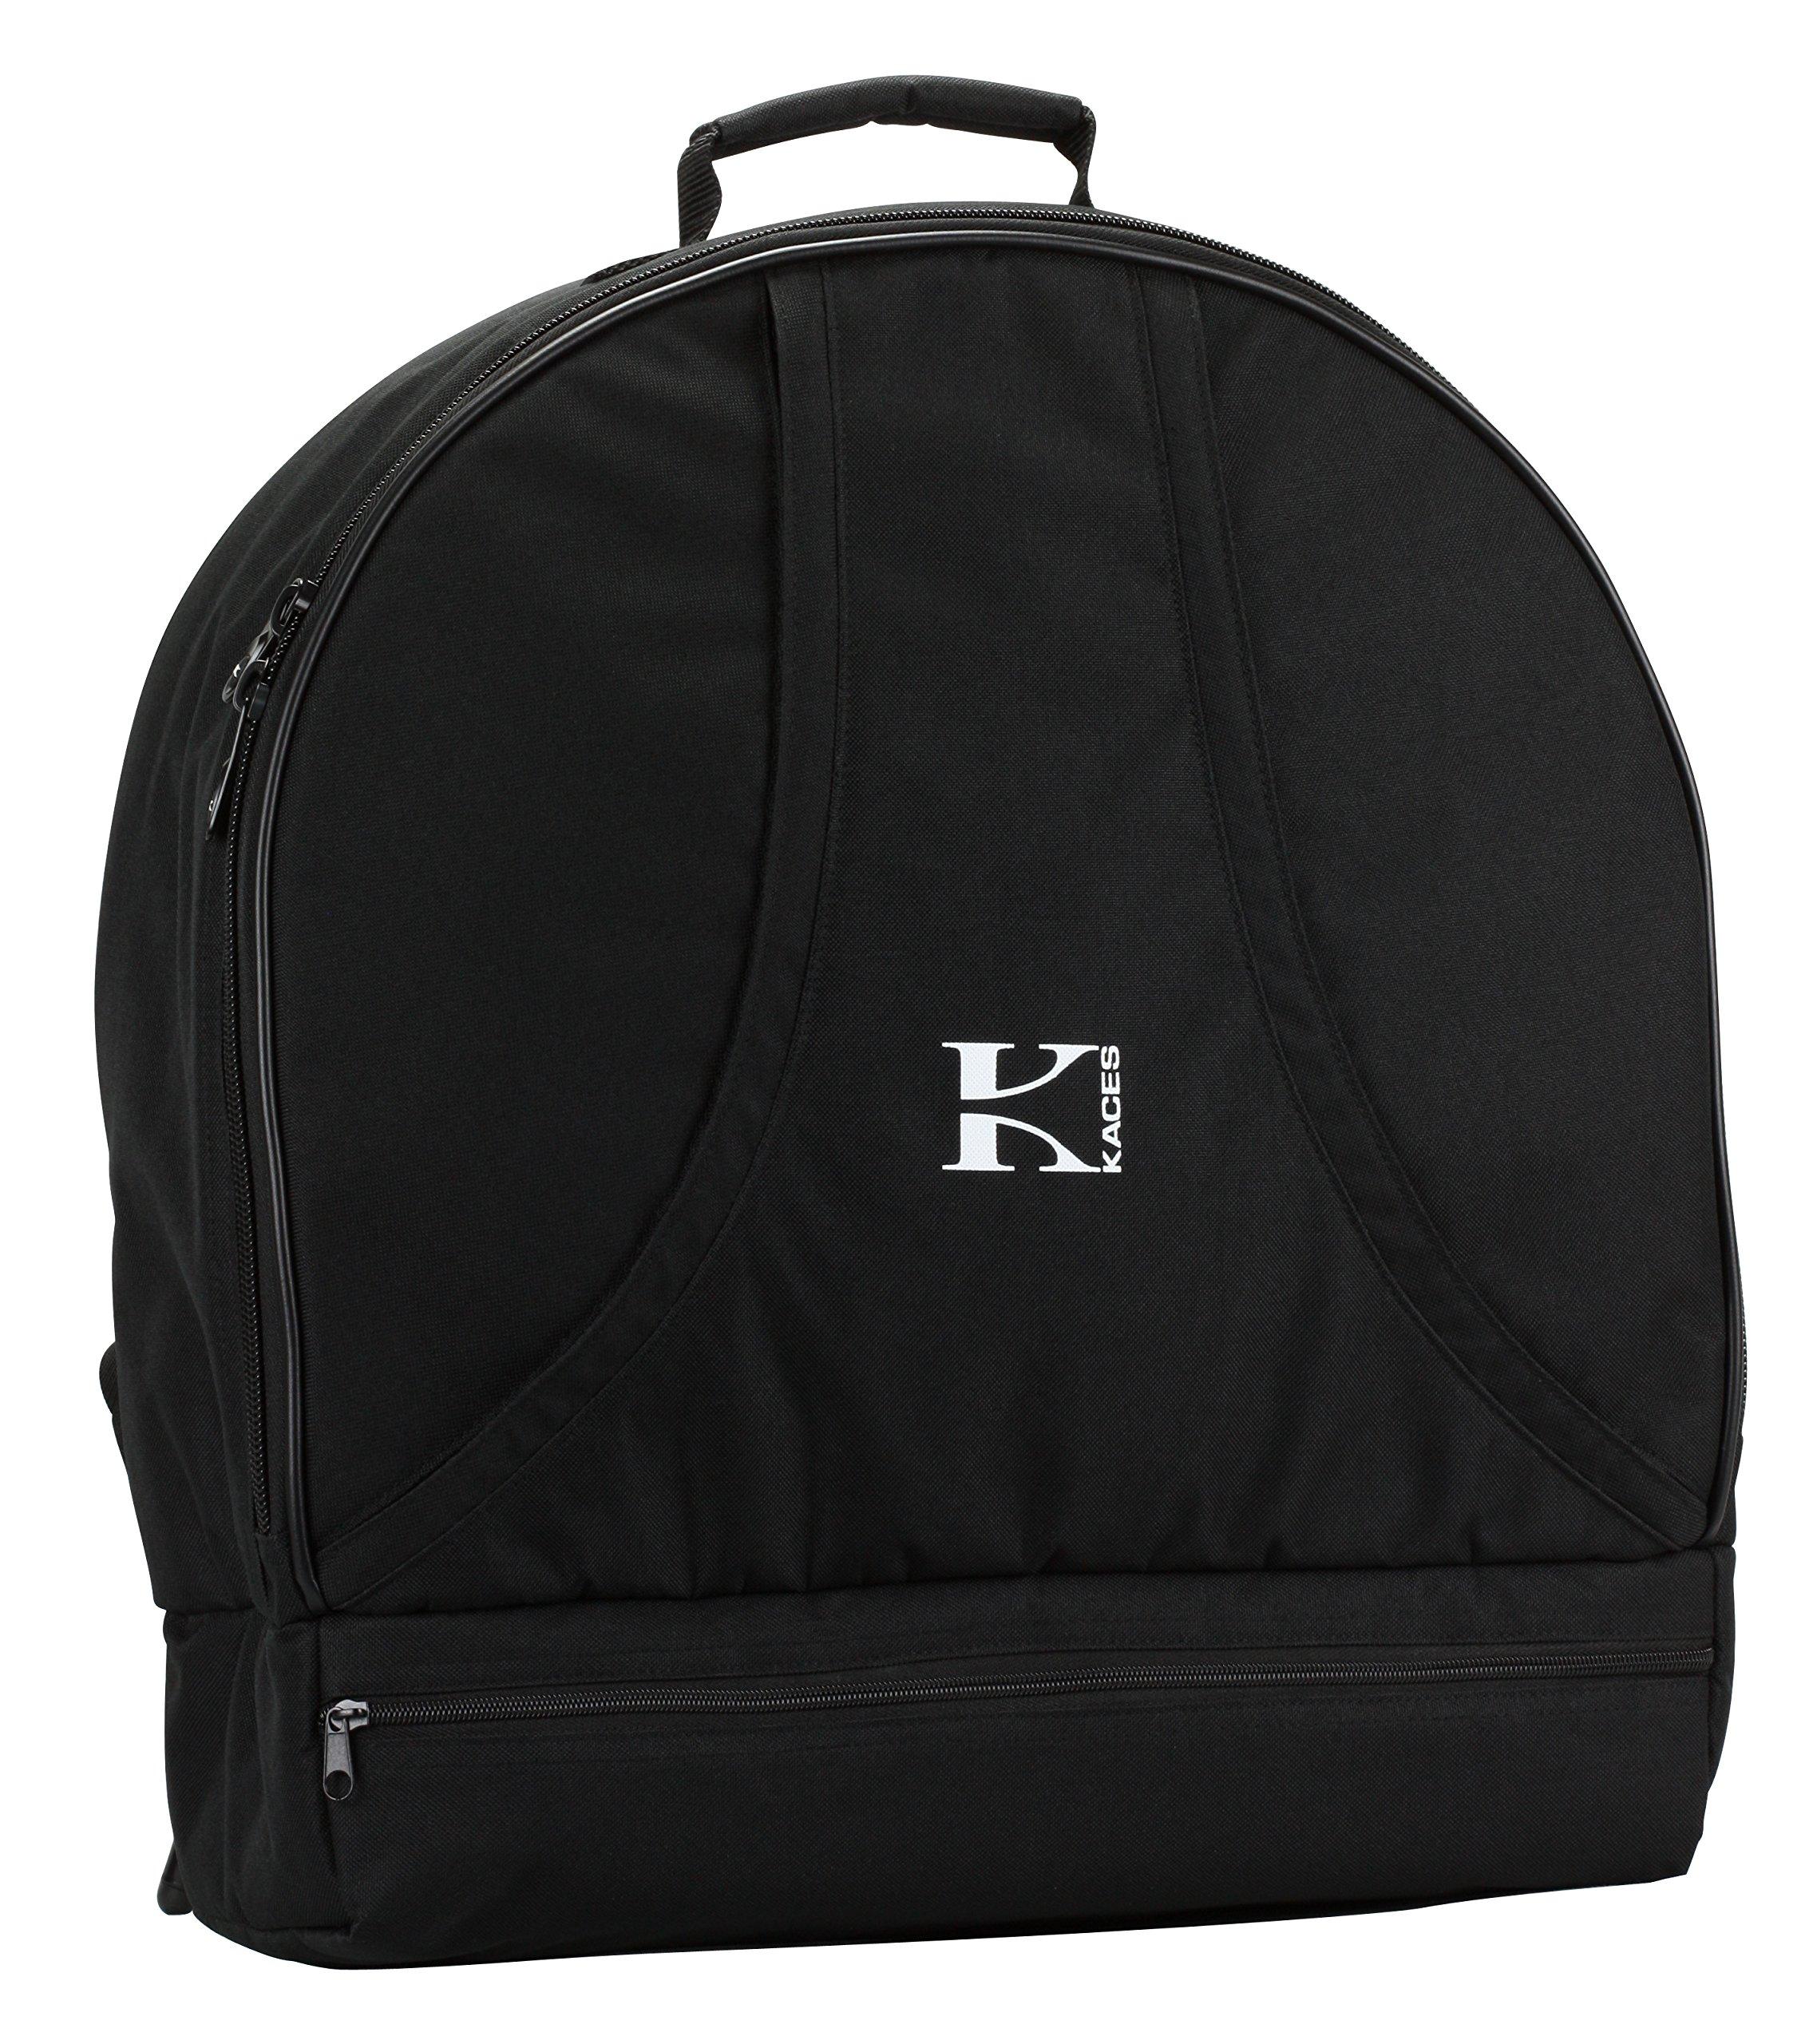 Kaces KDP-16 Snare Drum Kit Backpack